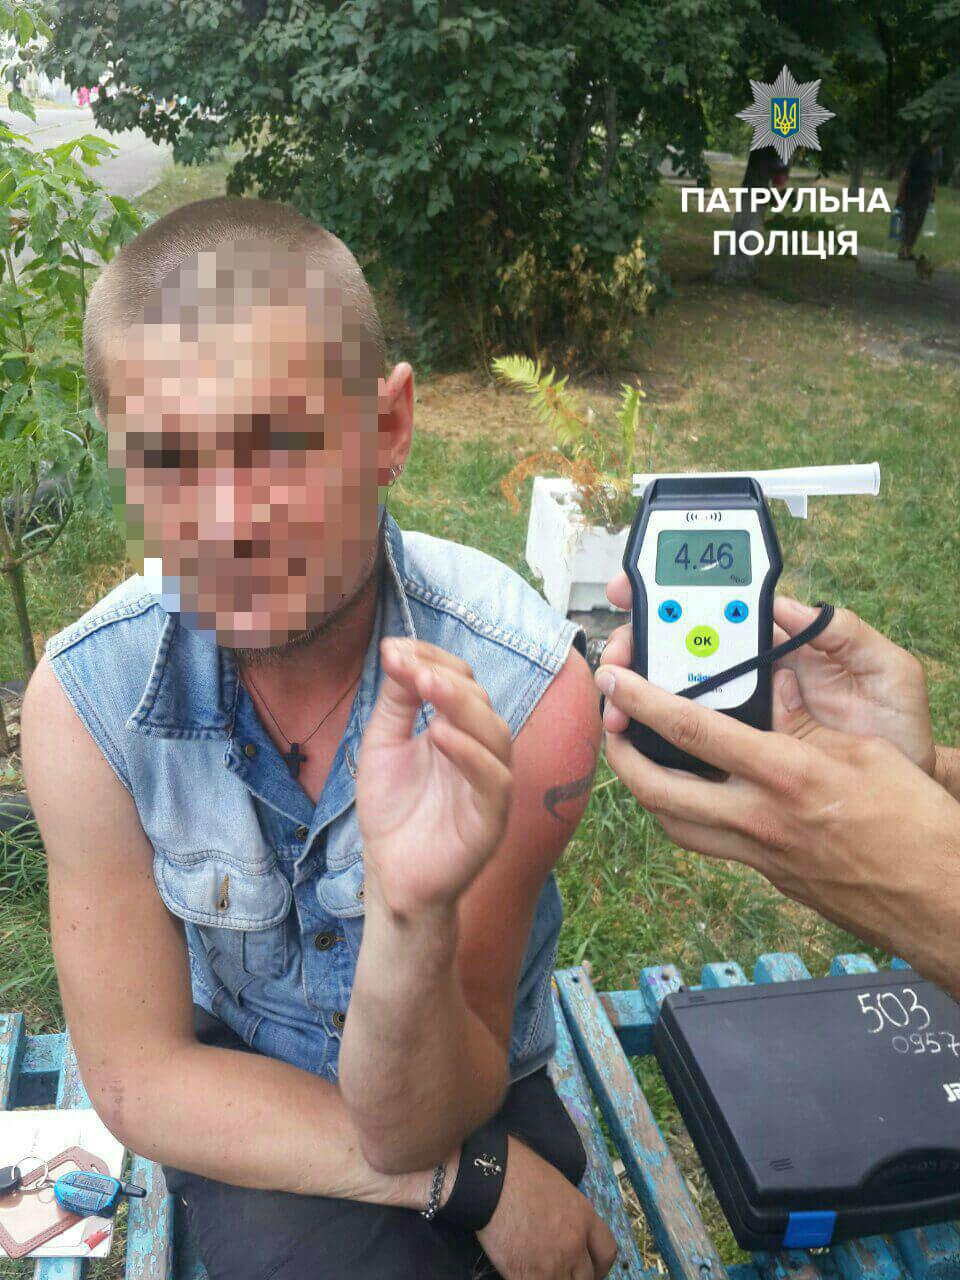 Украинец управлял авто, выпив 700 мл водки 1